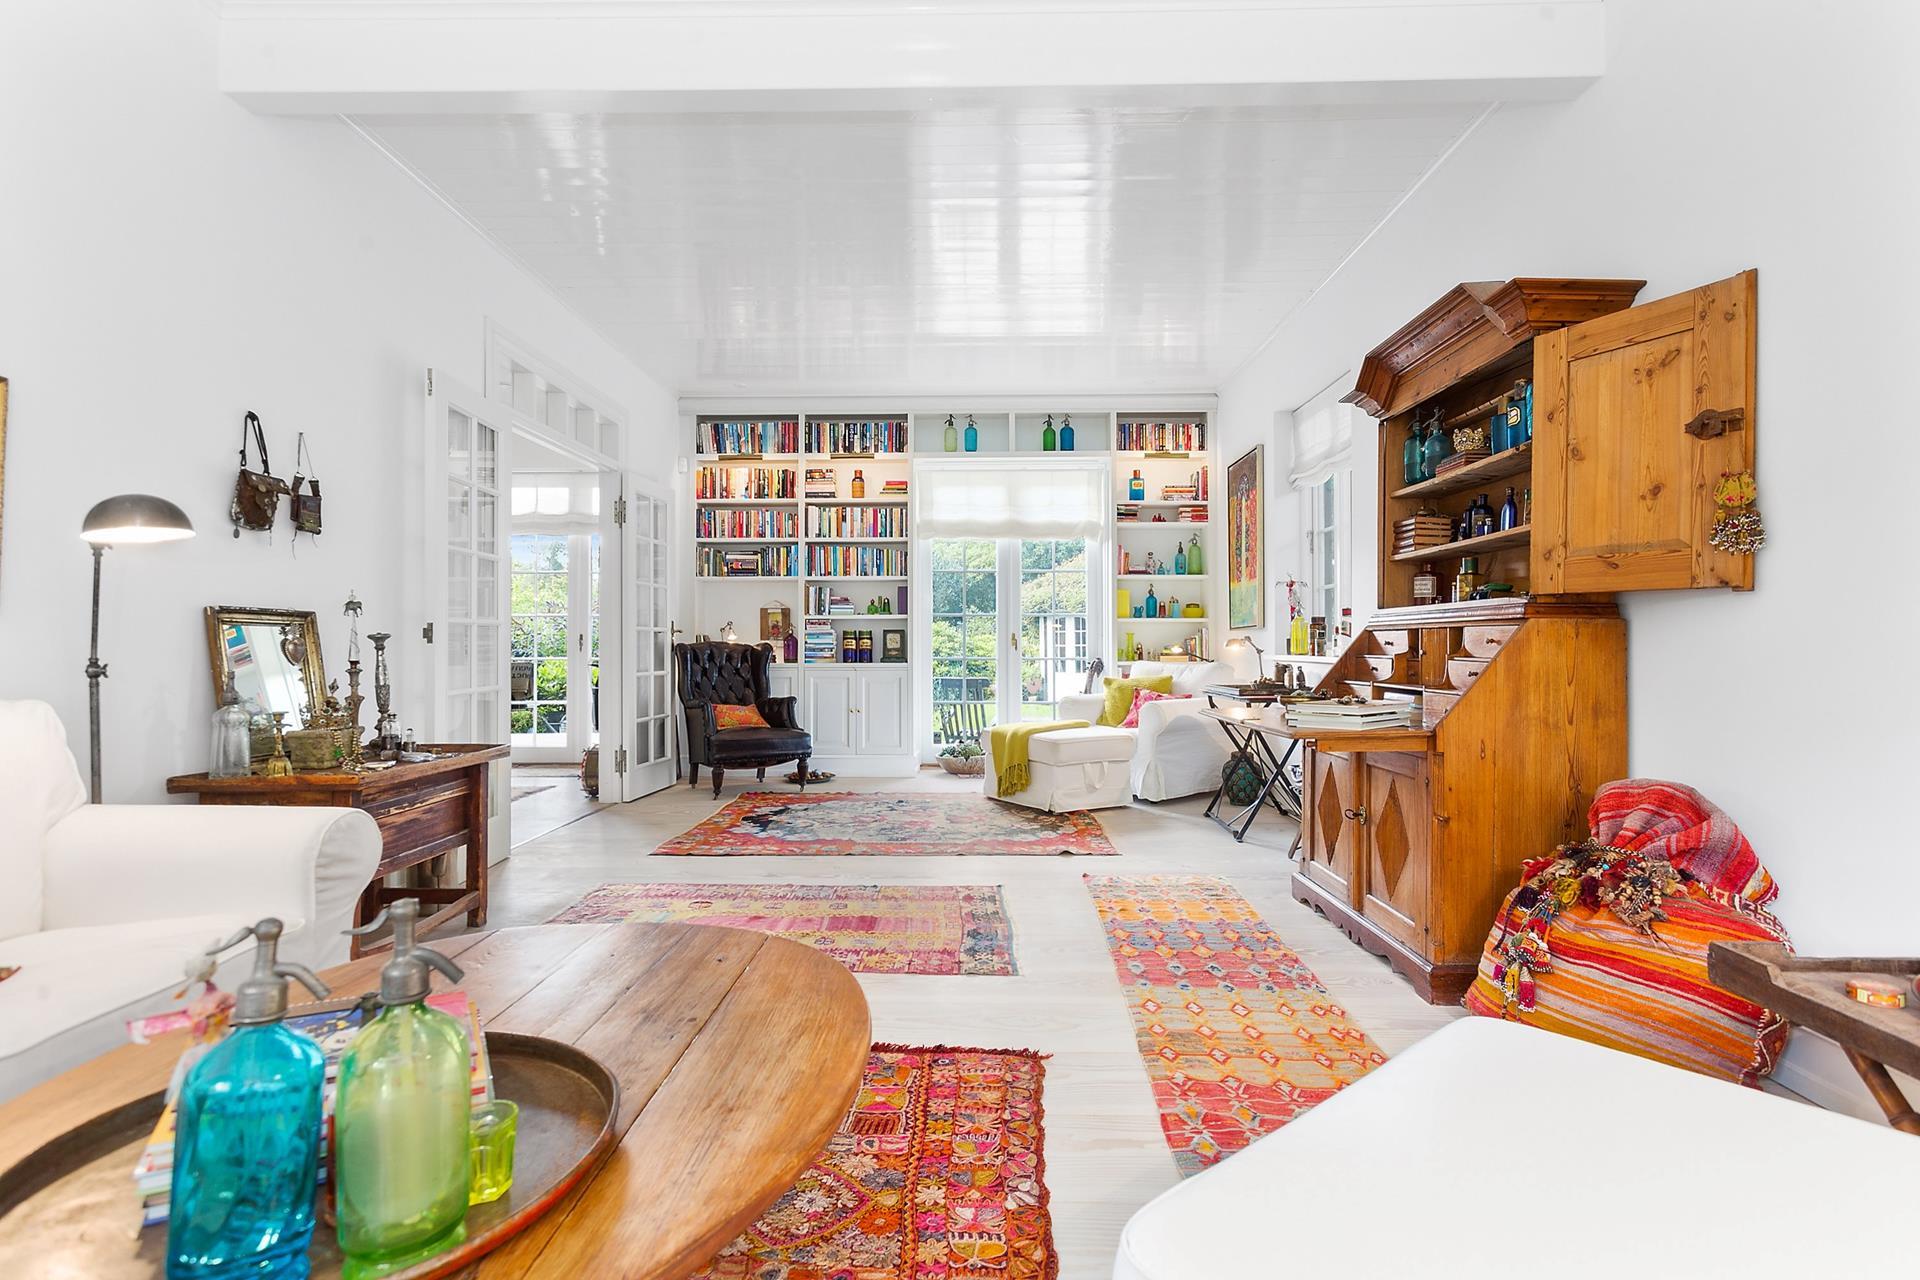 книжный стеллаж гостиная деревянный пол ковер килим